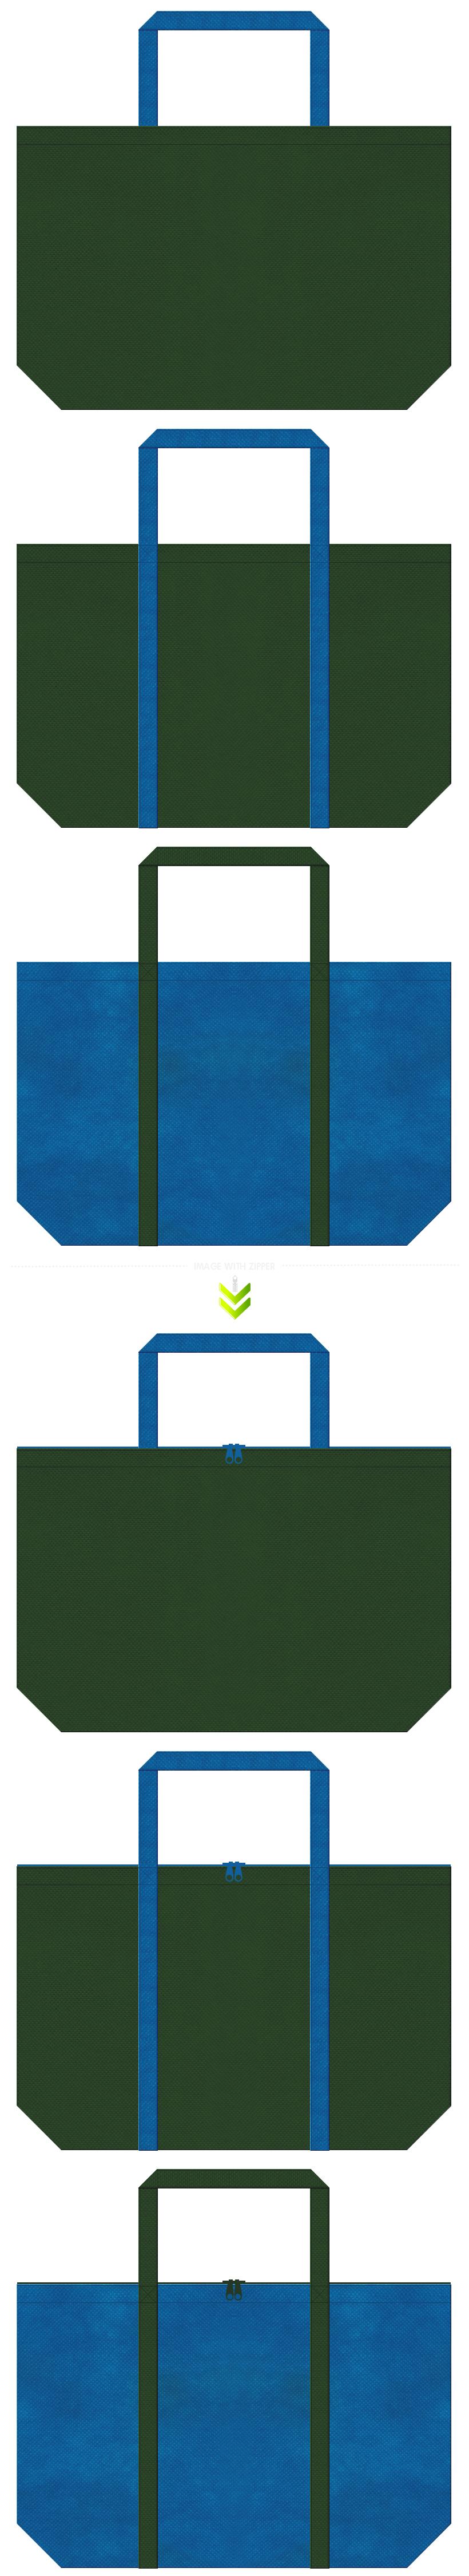 濃緑色と青色の不織布エコバッグのデザイン。